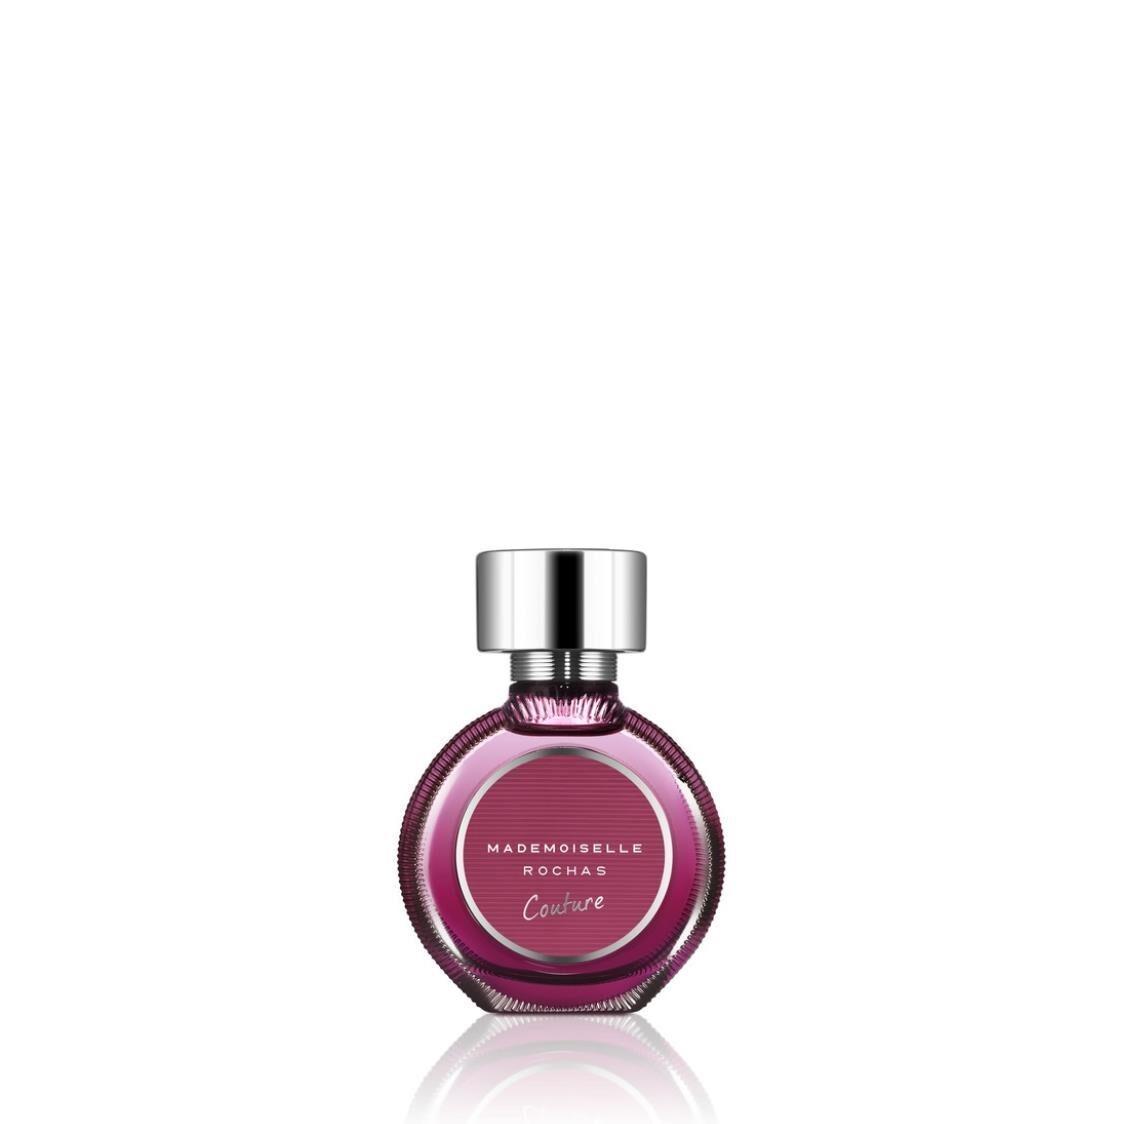 Rochas Mademoiselle Couture Eau De Parfum 30ml